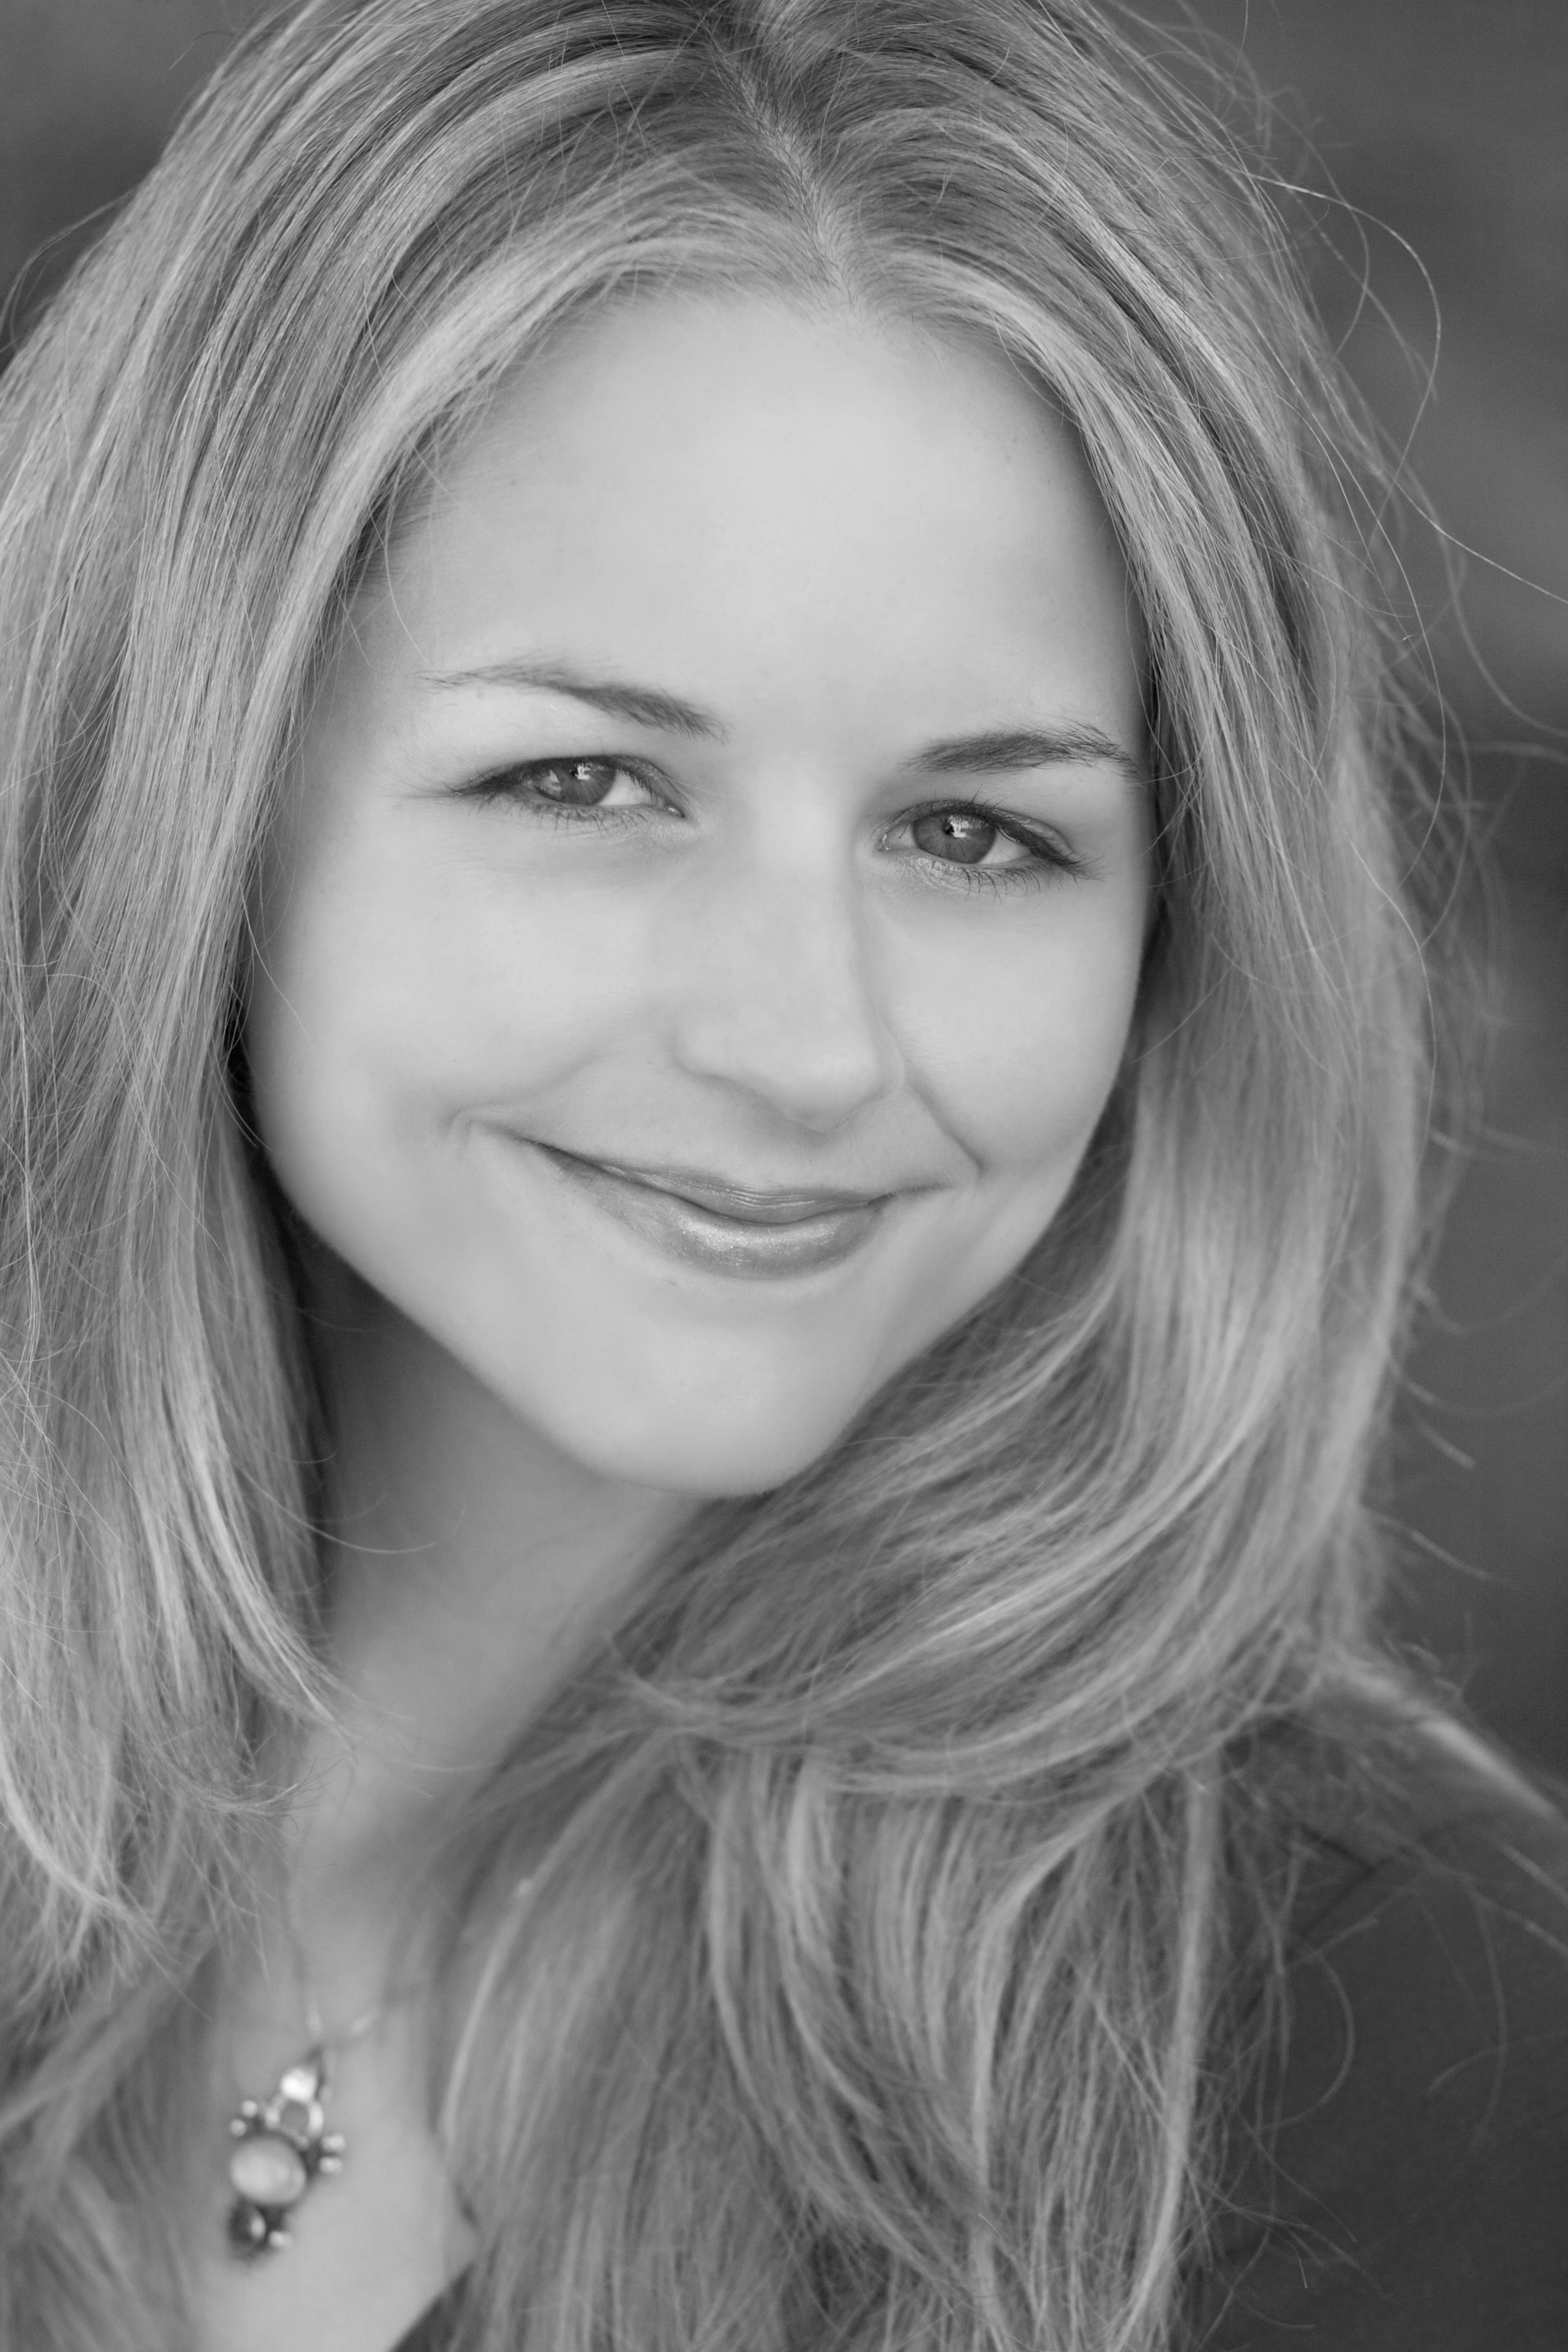 Sarah Rodewald